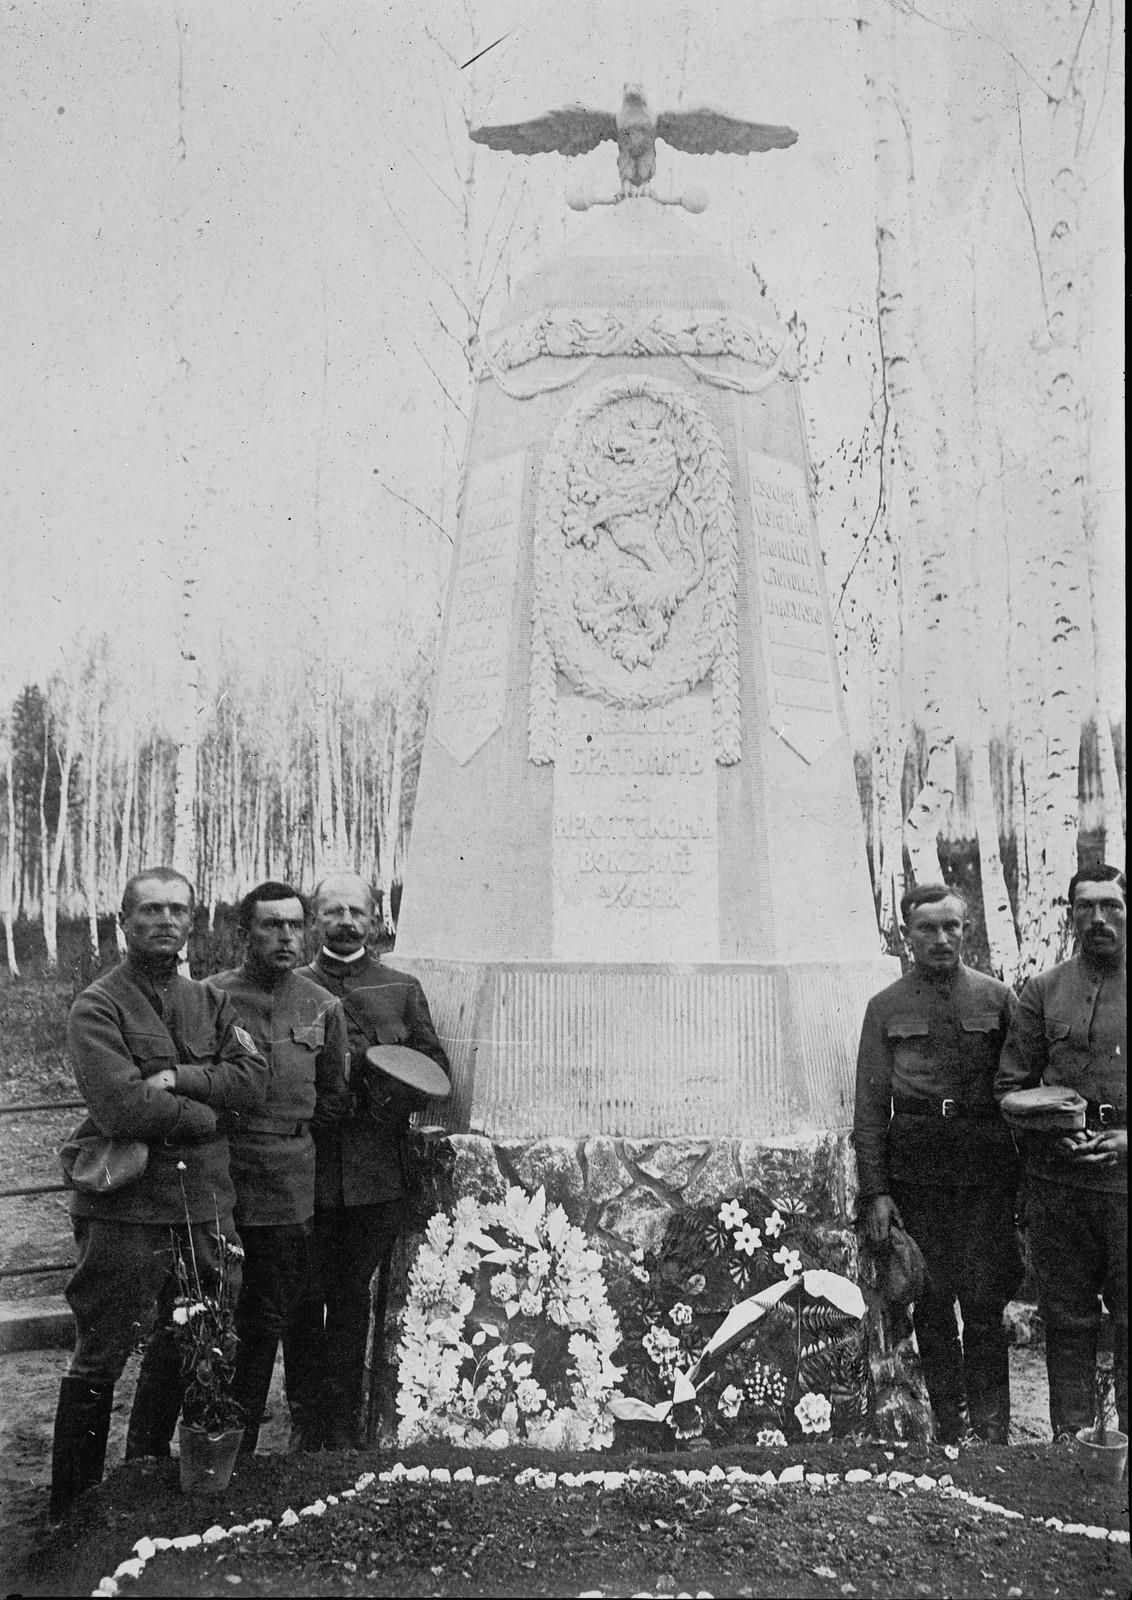 1919. Иркутск. Памятник погибшим солдатам чехословацкого легиона